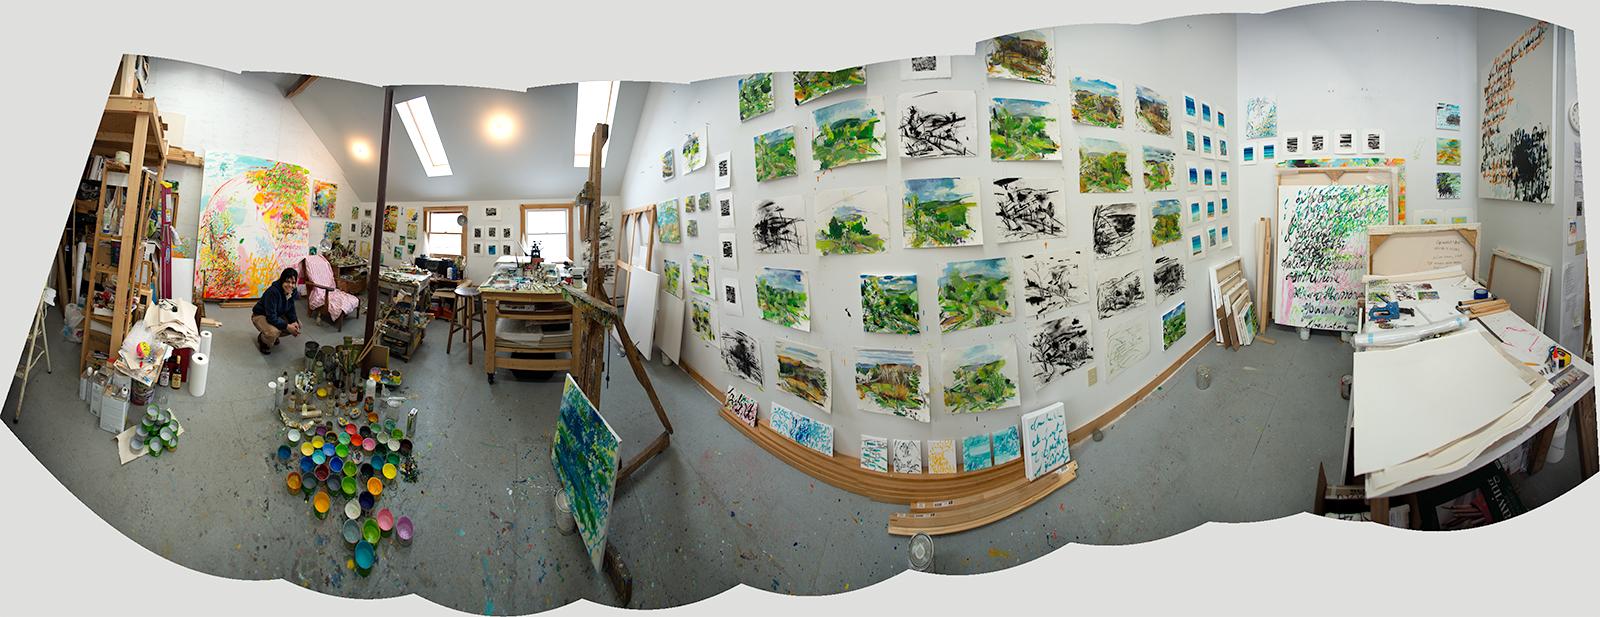 Arista Studio 2013